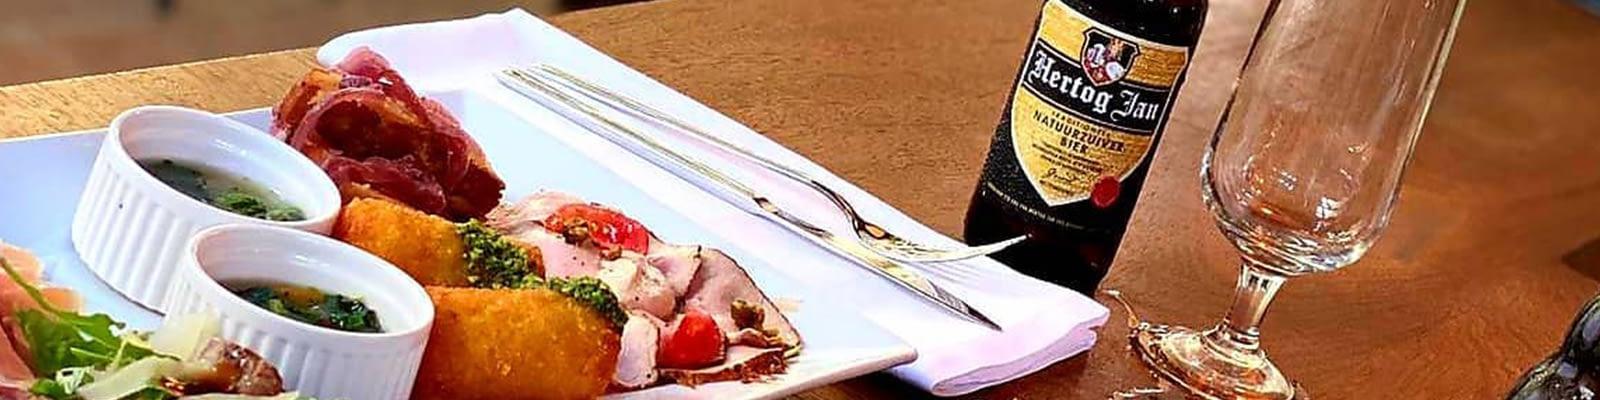 stadscafe-het-consulaat-restaurant-bonaire-slider-4